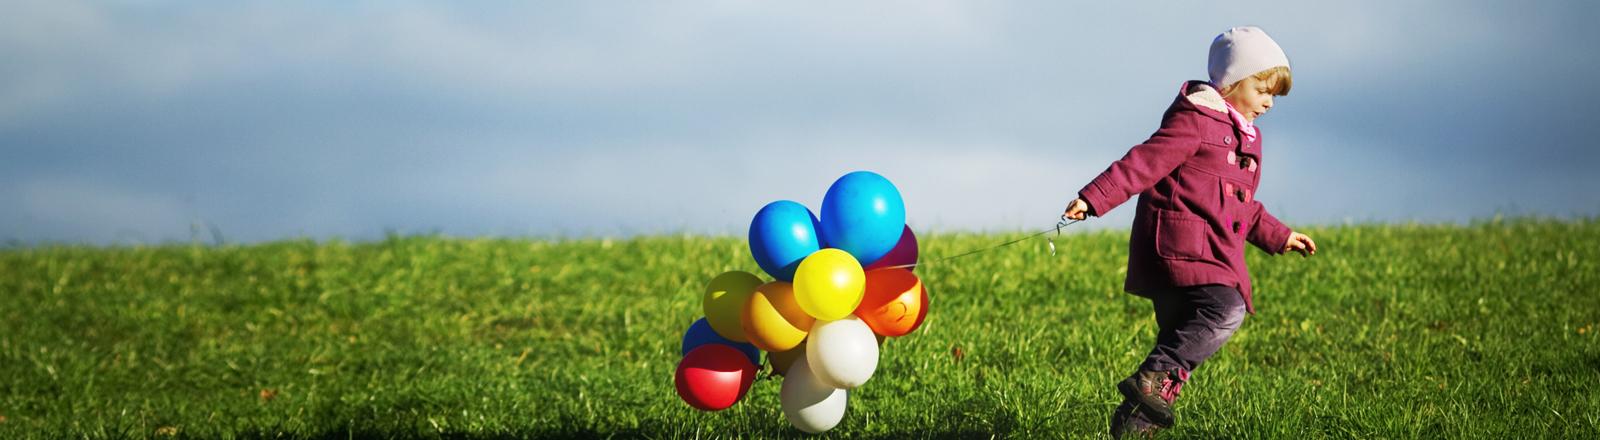 Ein Kind mit Ballons